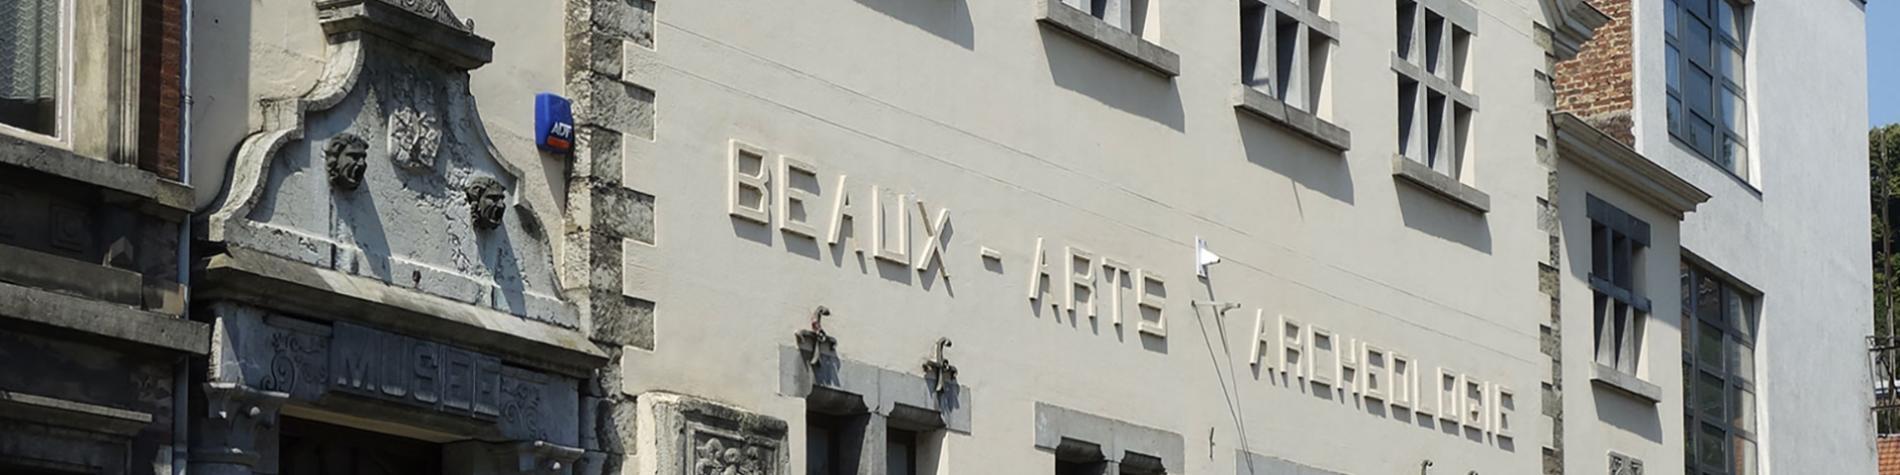 Musée - Beaux-Arts - Céramique - Verviers